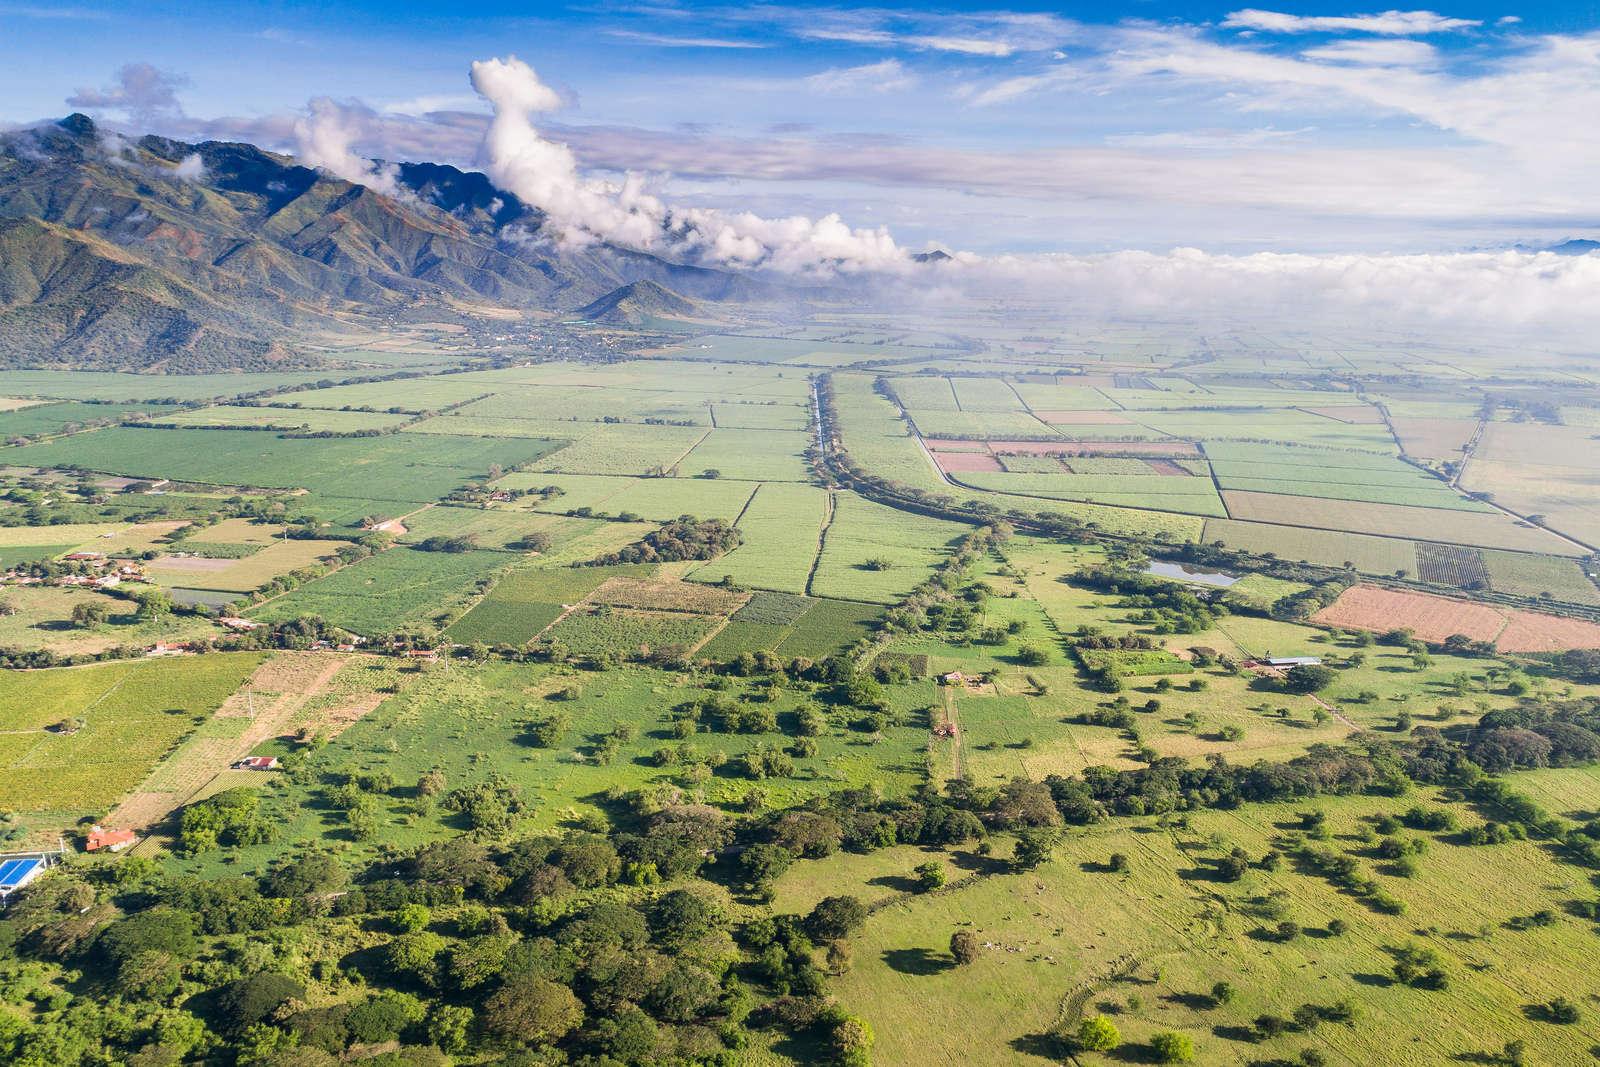 Roldanillo Valle del Cauca